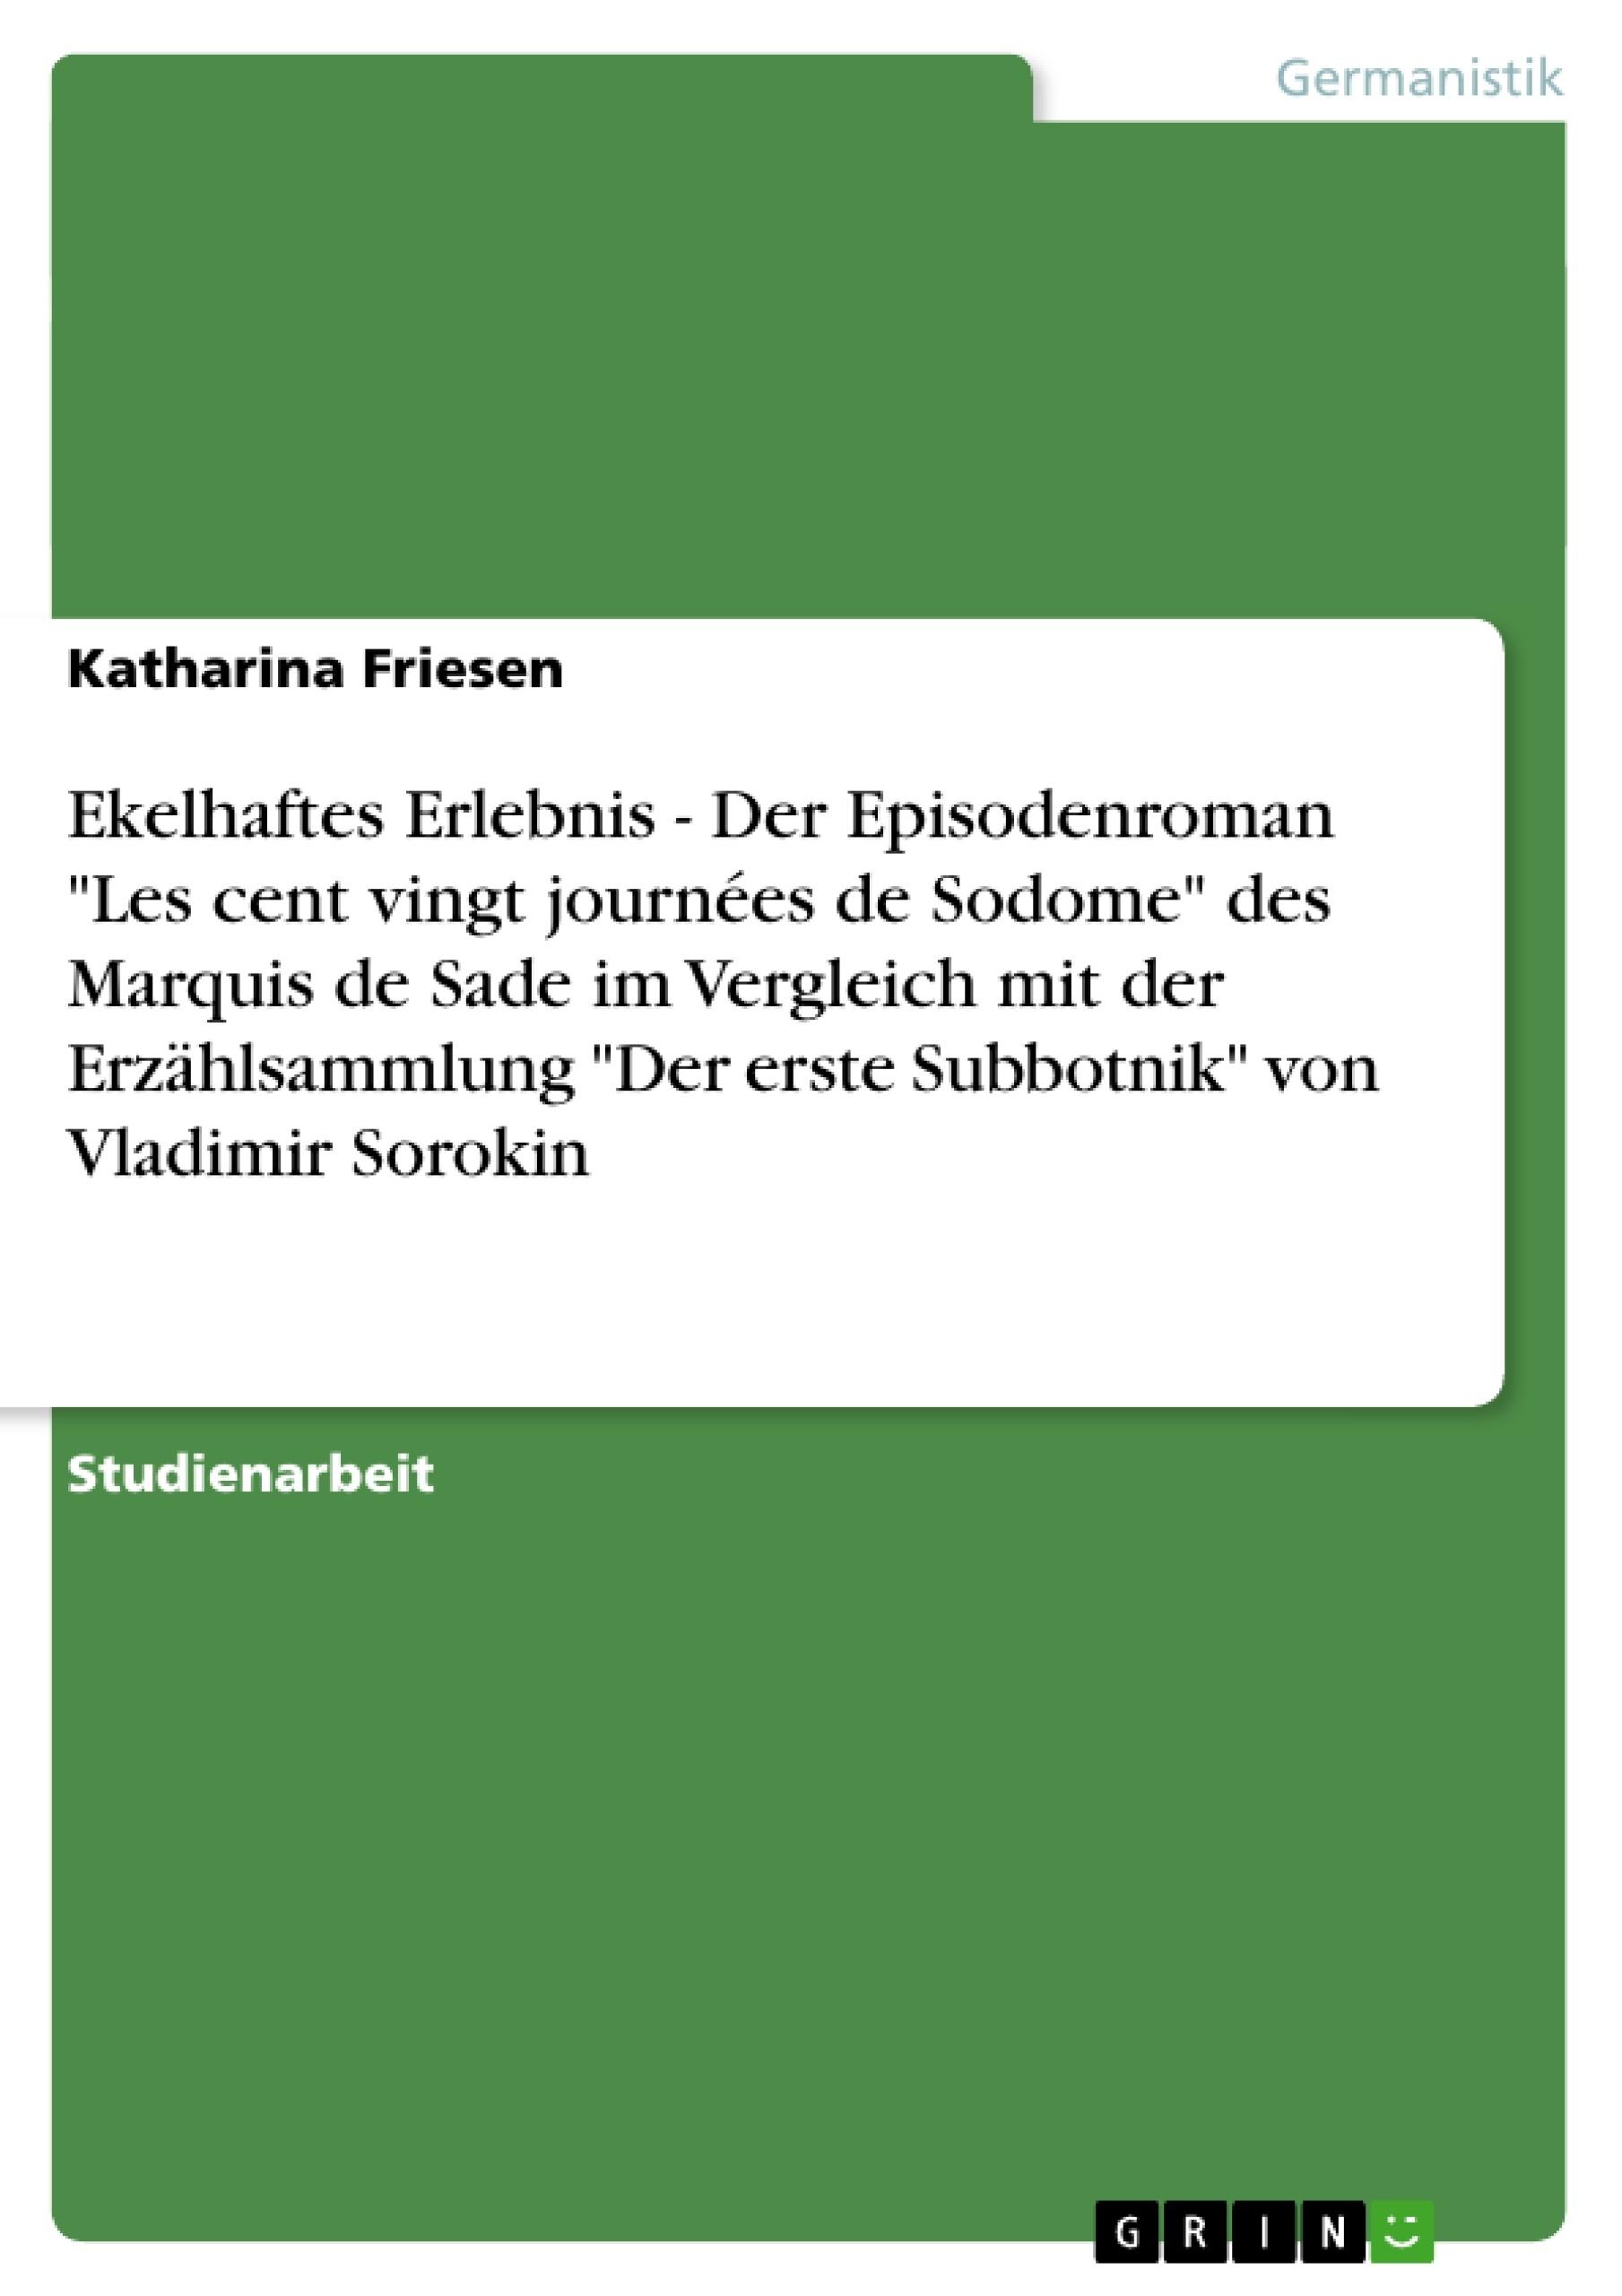 """Titel: Ekelhaftes Erlebnis - Der Episodenroman """"Les cent vingt journées de Sodome"""" des Marquis de Sade im Vergleich mit der Erzählsammlung """"Der erste Subbotnik"""" von Vladimir Sorokin"""